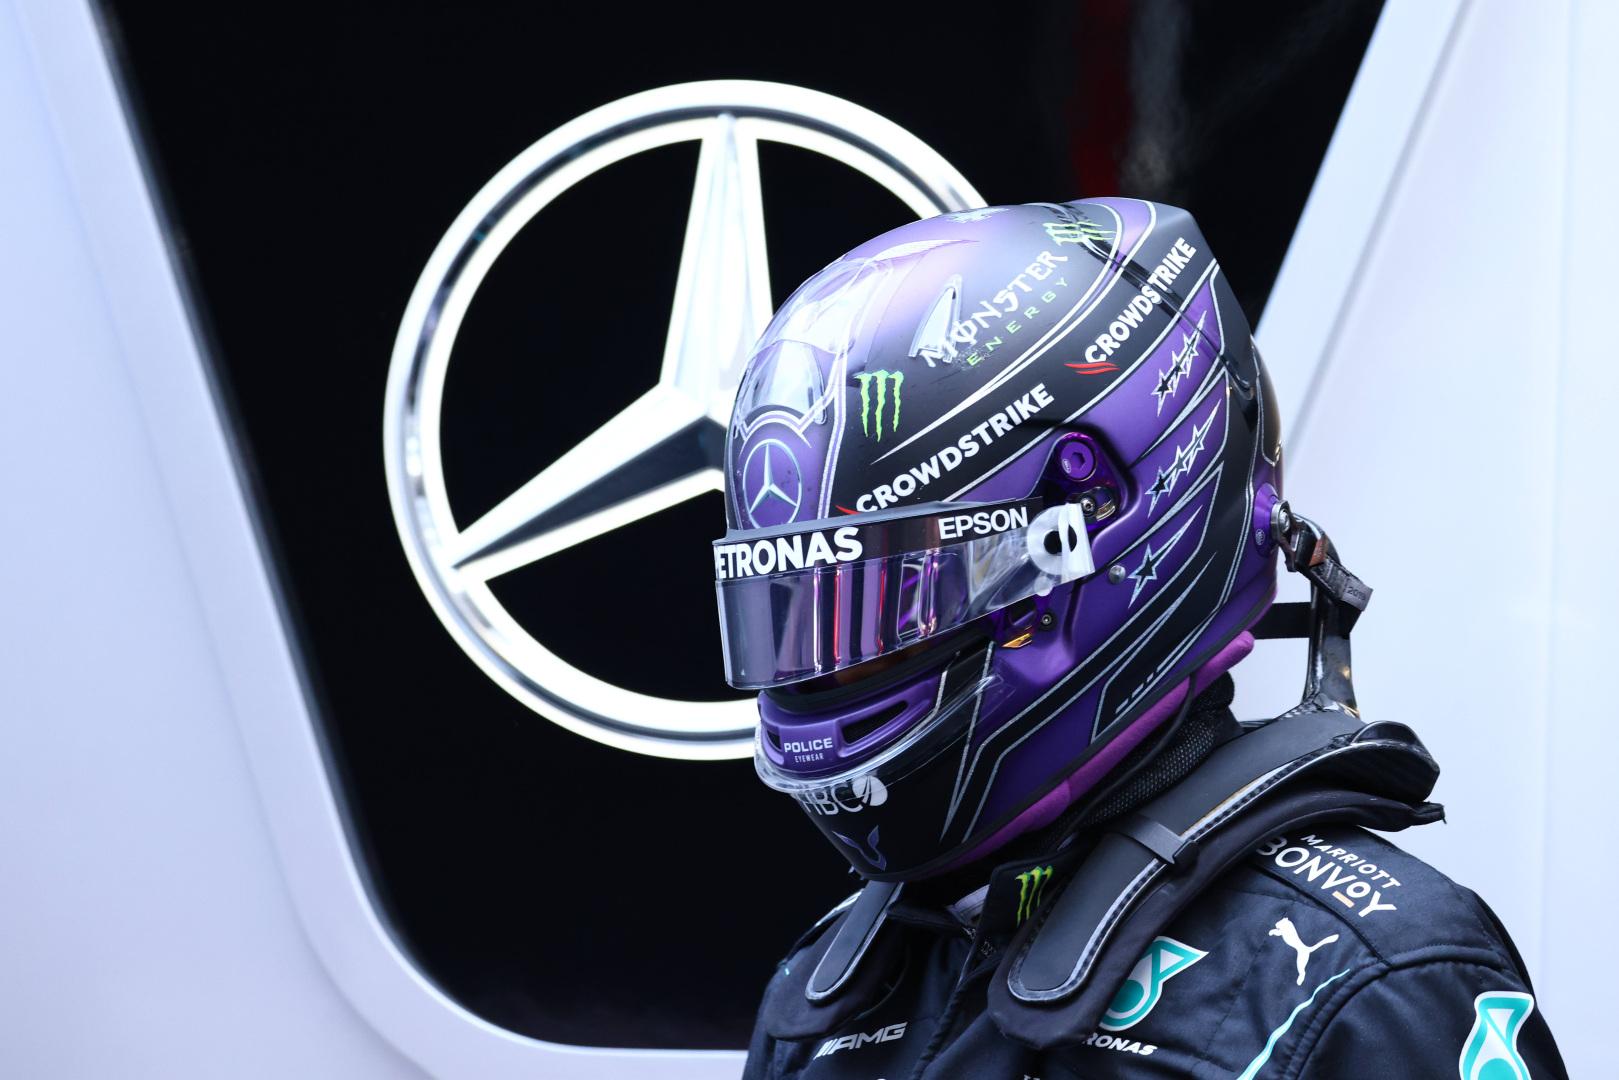 F1 - Hamilton impressionné par le rythme de Ferrari, McLaren et Alpine à Barcelone